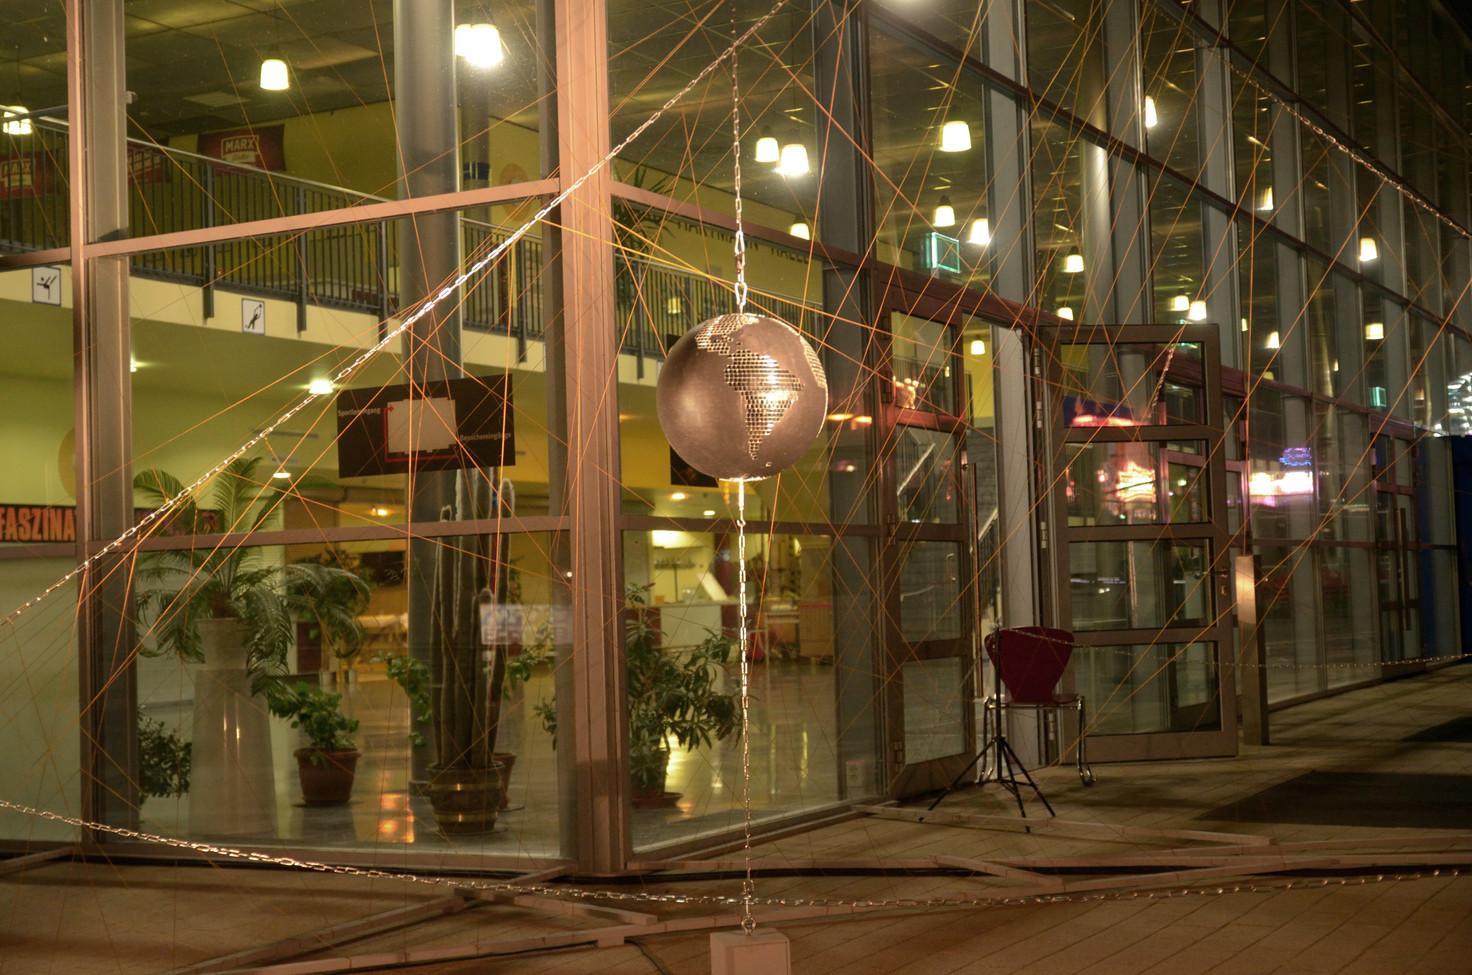 Der Mensch im Spiegel der Welt, Installation zum Bürgerfest Chemnitz vom 23.-25.08.2019 vor der Richard-Hartmann-Halle